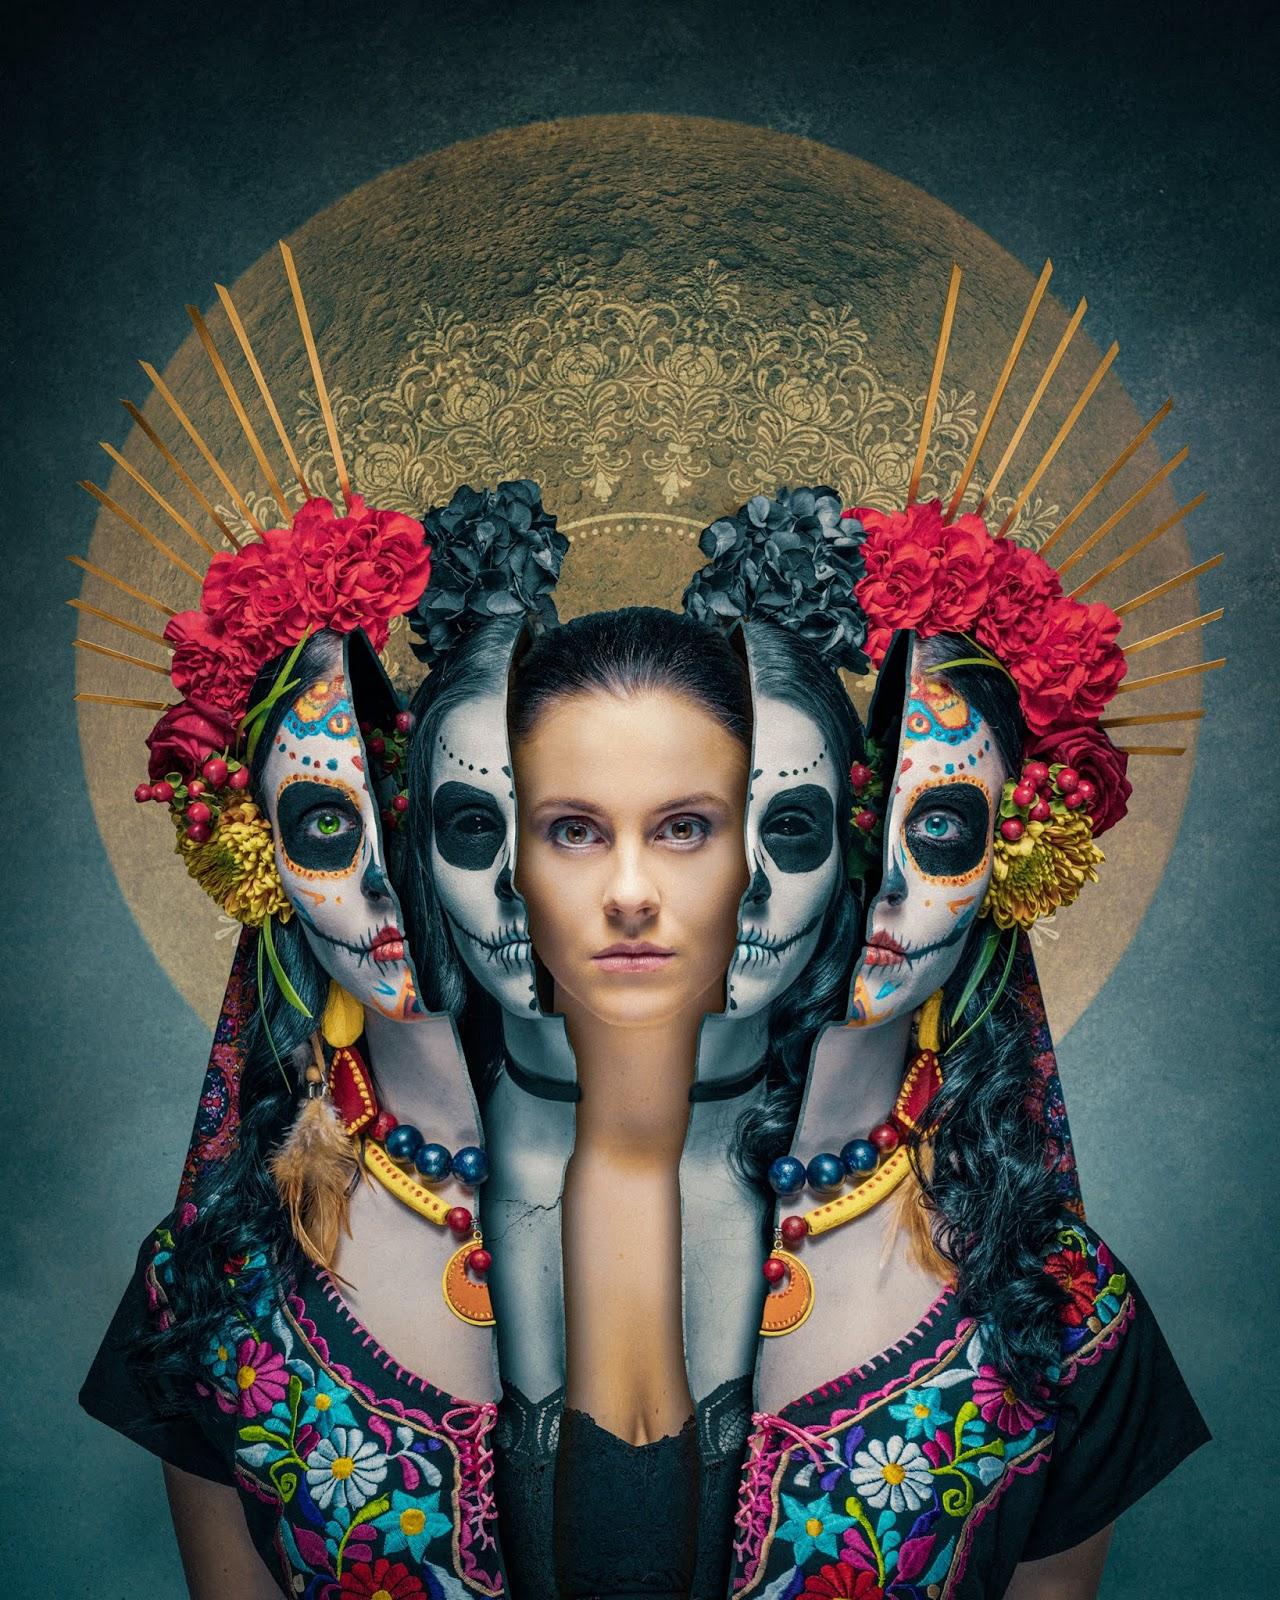 Mexico dia de los muertos : Layers of being human